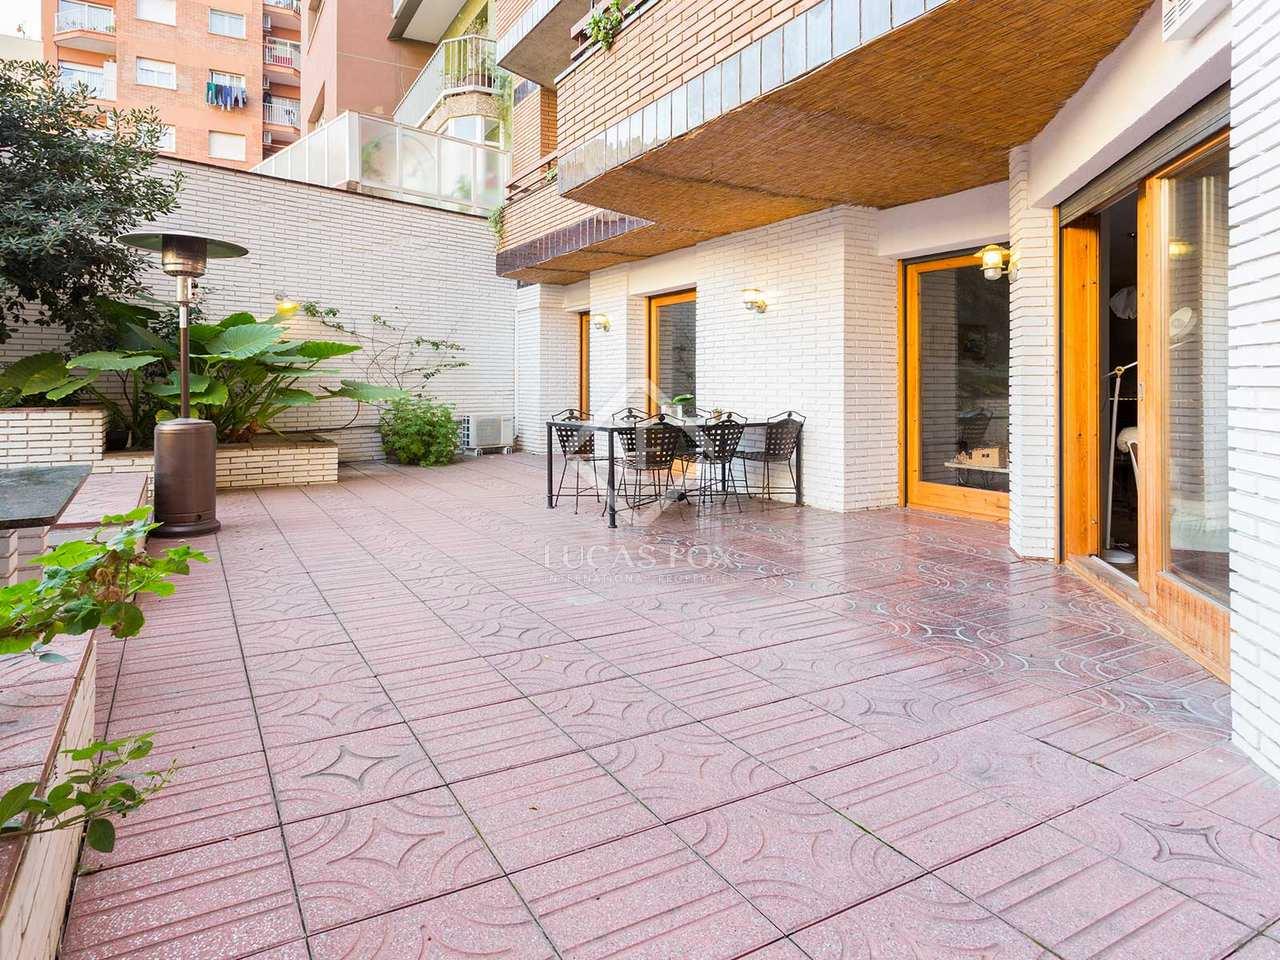 Apartamento de 2 dormitorios en alquiler en calle marina - Calle marina barcelona ...